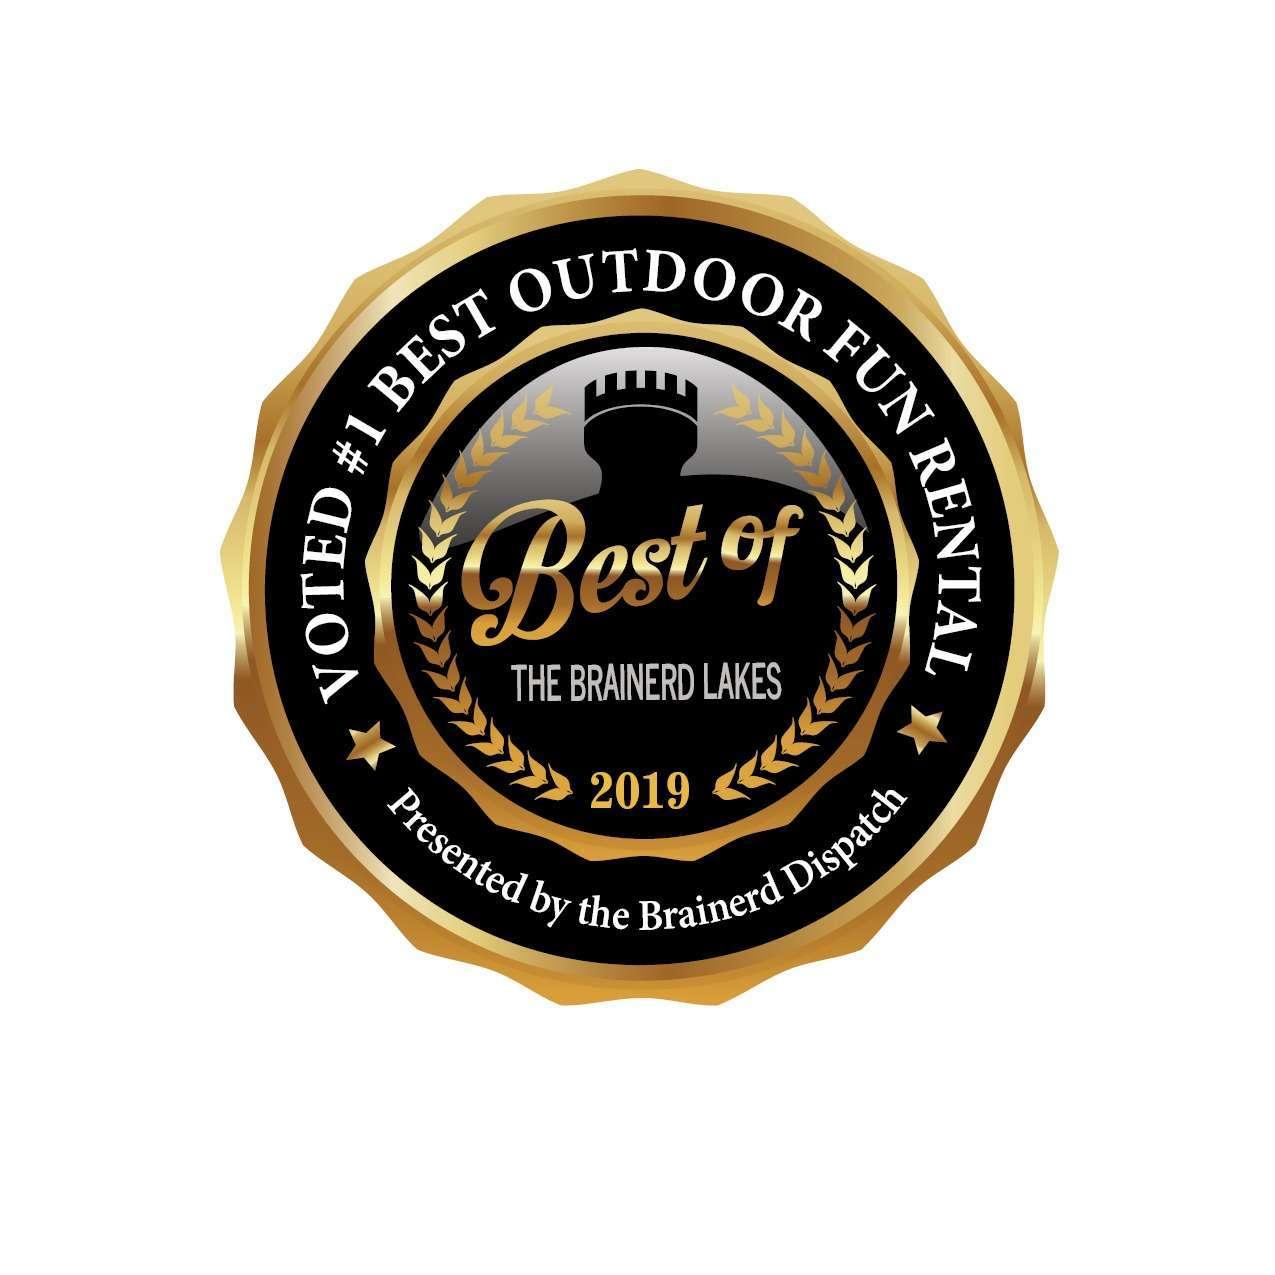 Brainerd Lakes Best Outdoor Fun Rental - 2019